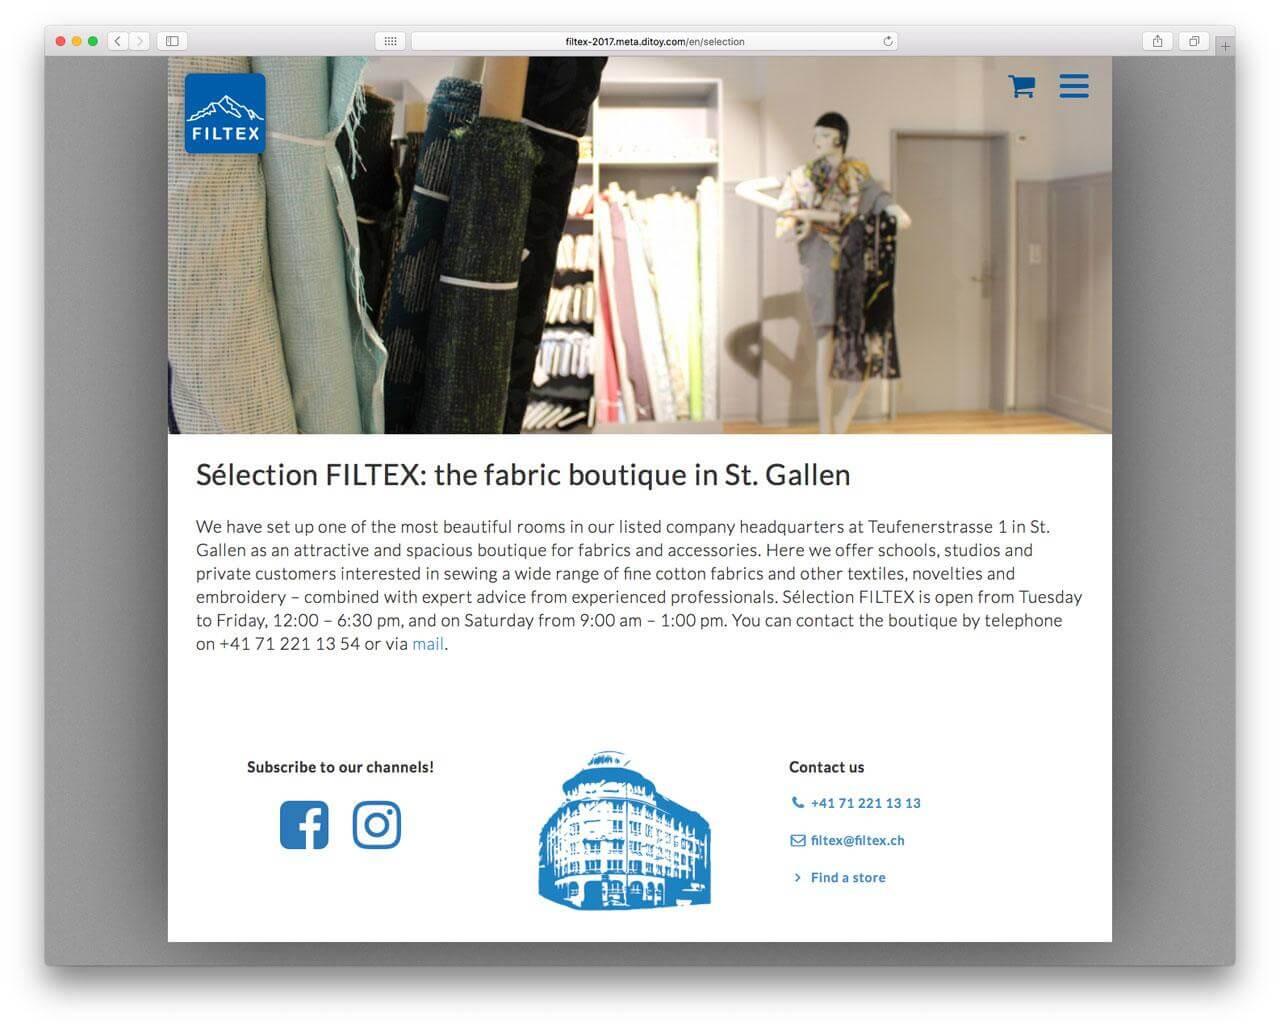 Filtex Corporate CMS Screenshot